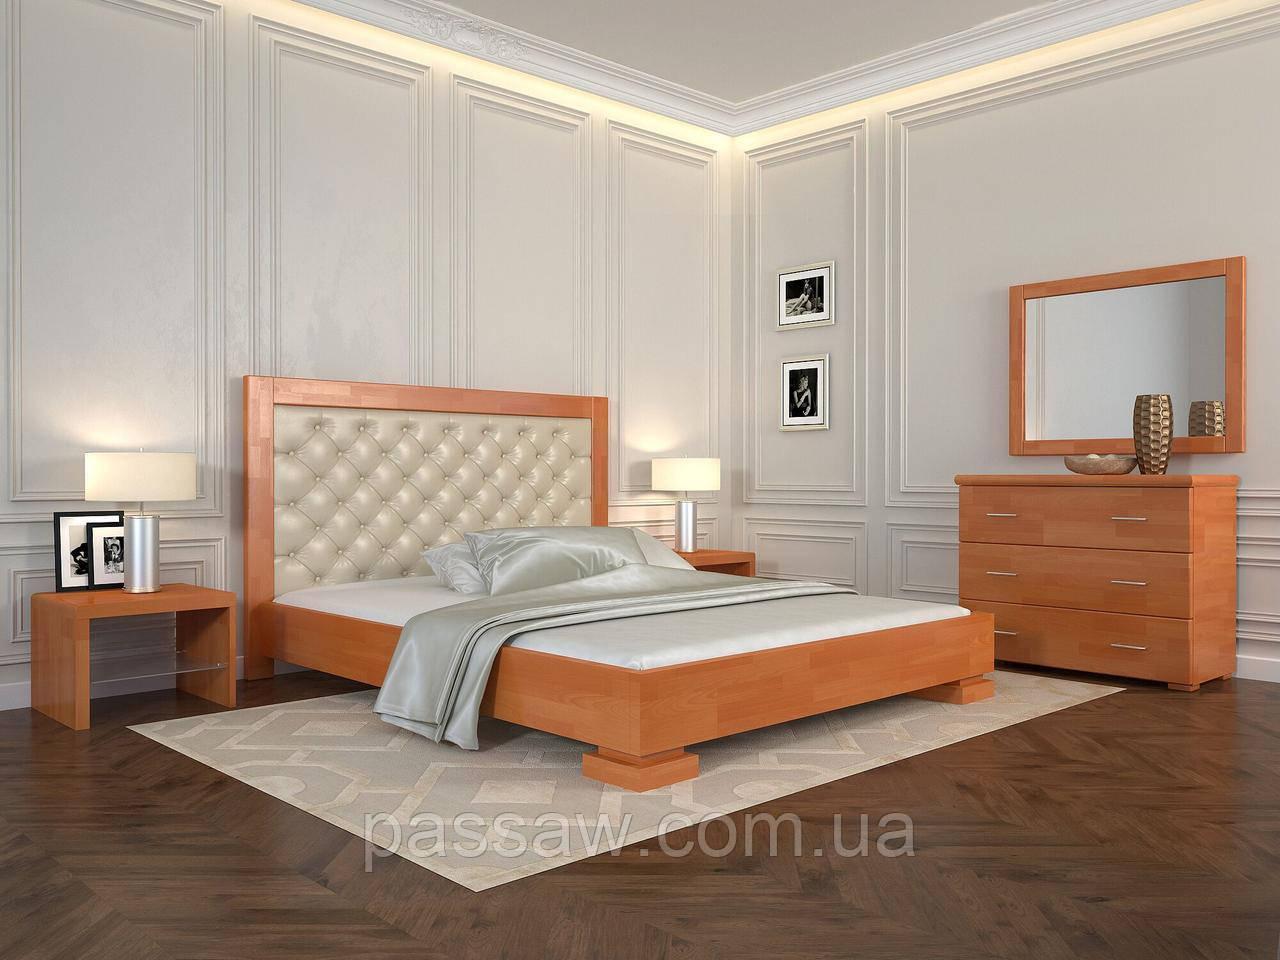 """Кровать деревянная ARBOR DREV  """"Подиум ромбы"""" 1,6 сосна"""